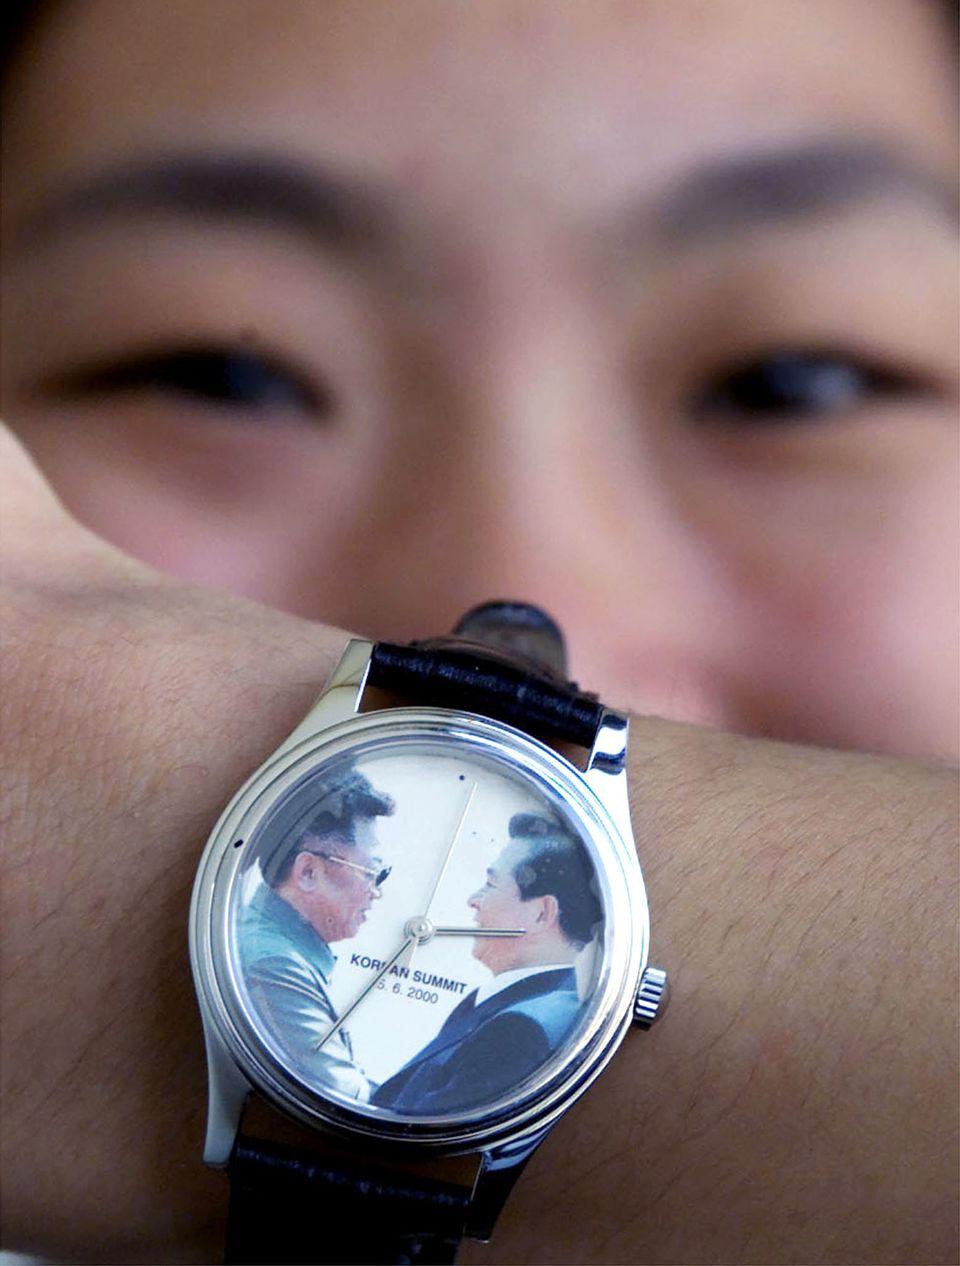 2000년 9월. 남북정상회담을 기념하는 손목시계가